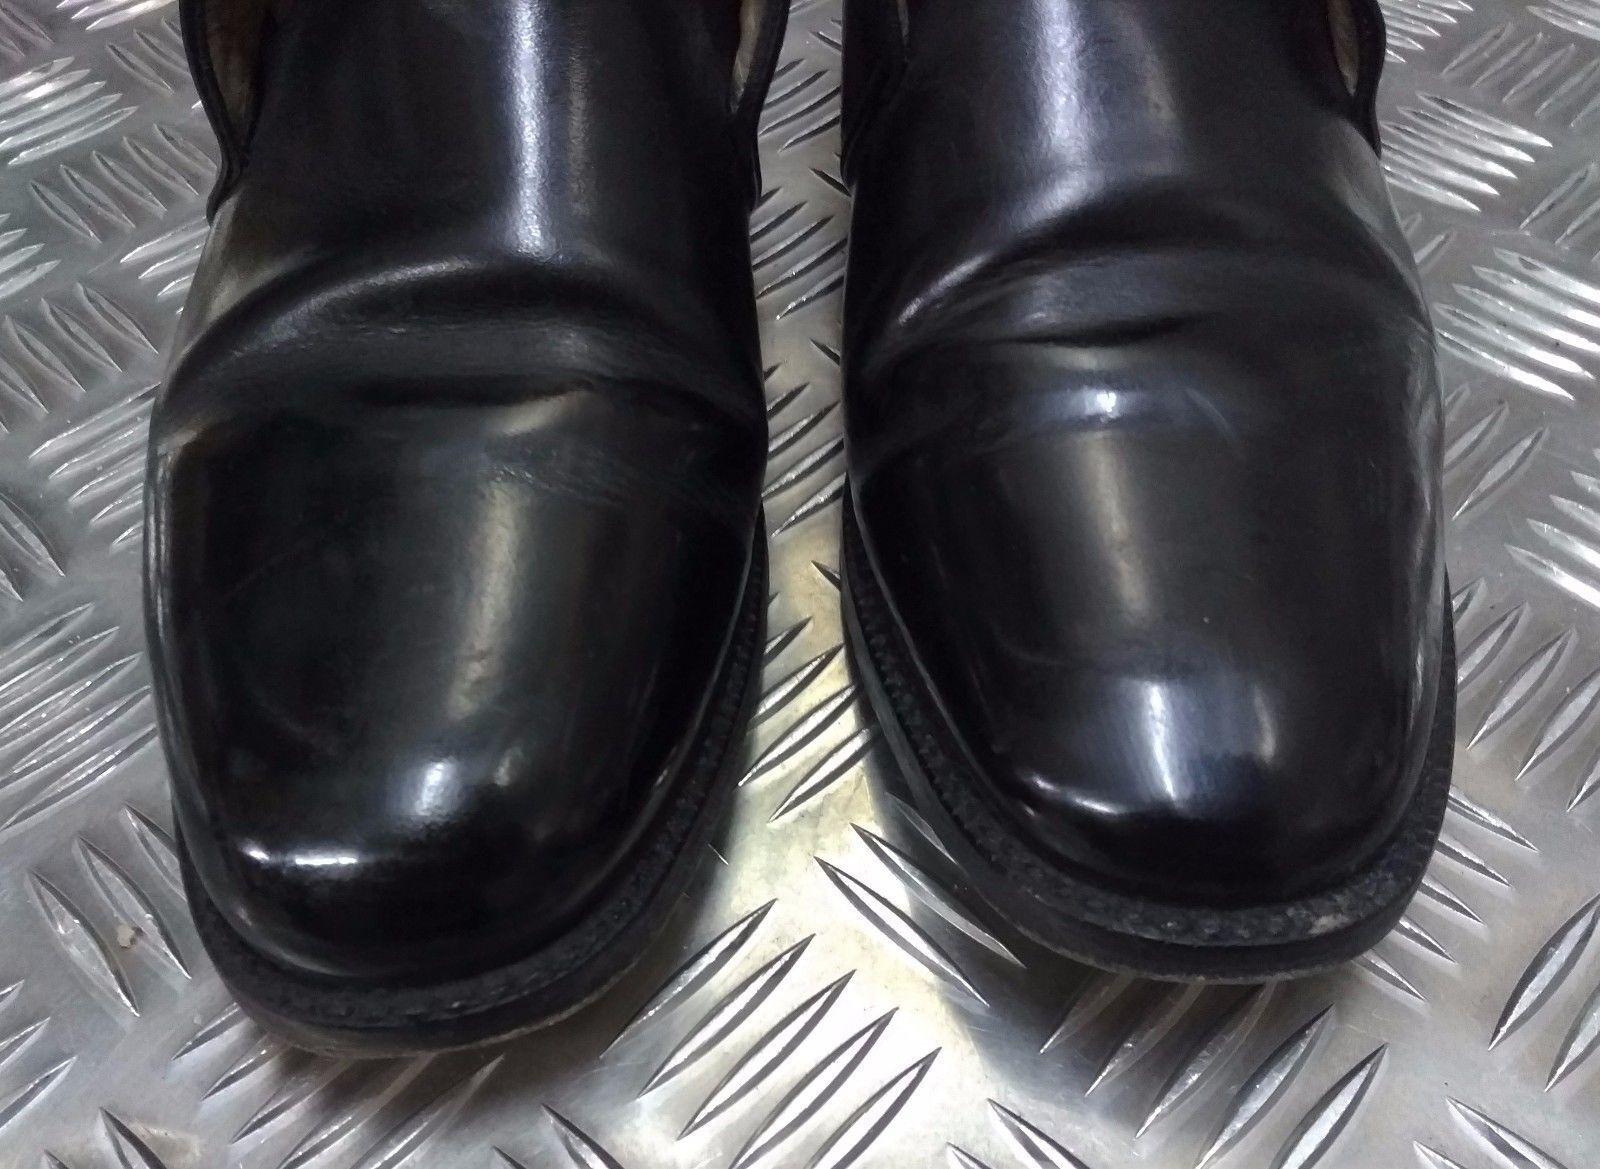 Auténtico Cuestión British Military Cuestión Auténtico Oficiales Jorge Botas Cuero Negro Ceremonial 945118